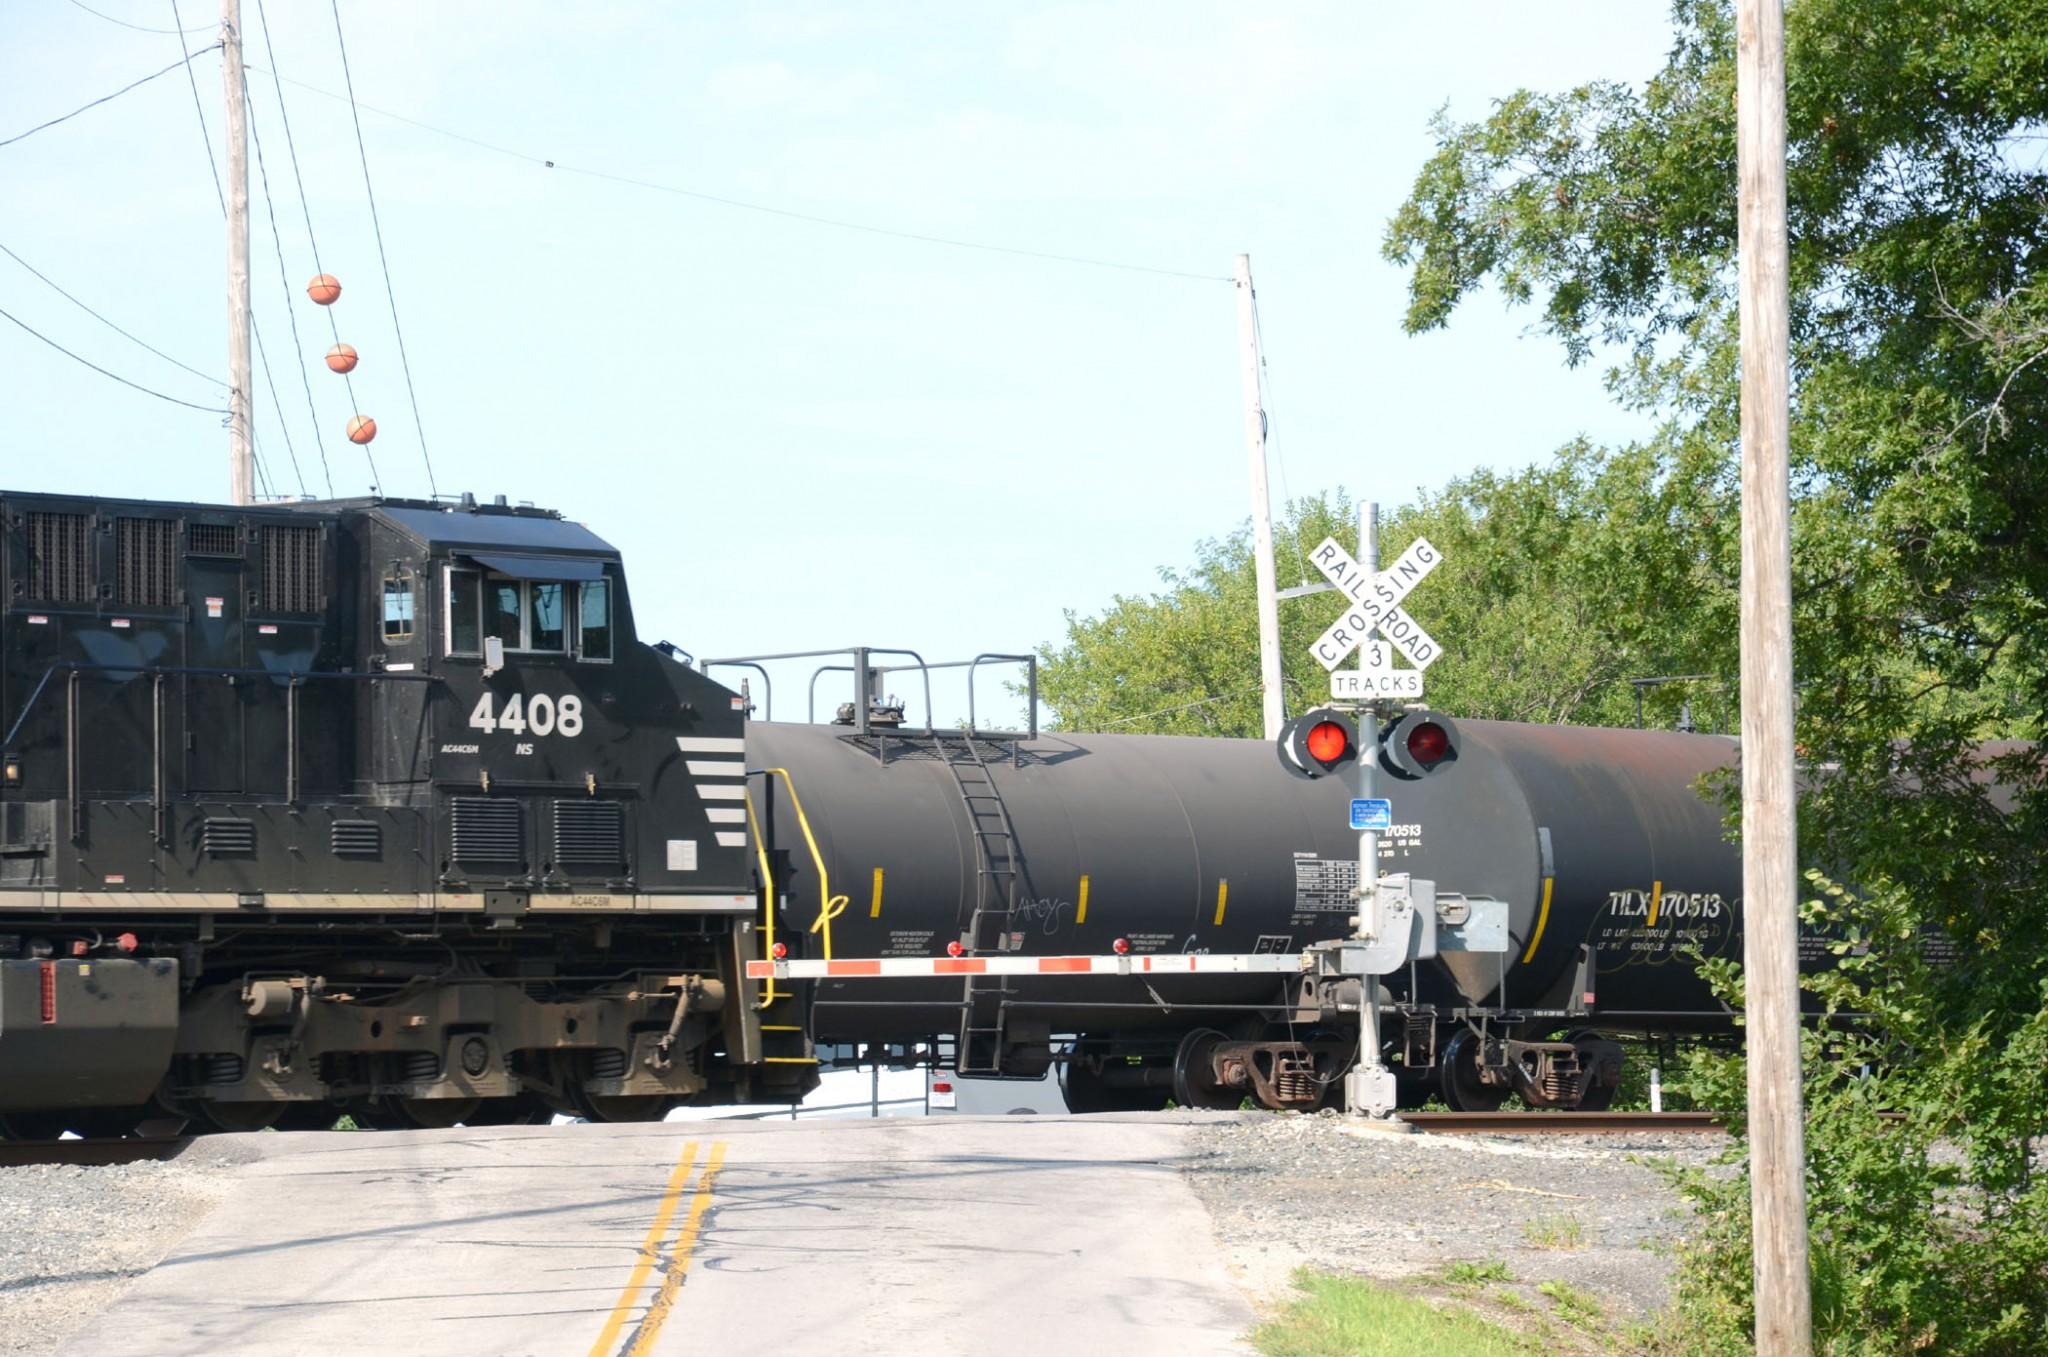 The train blocks Walbridge Rd. as another train approaches. (Press photo by Ken Grosjean)